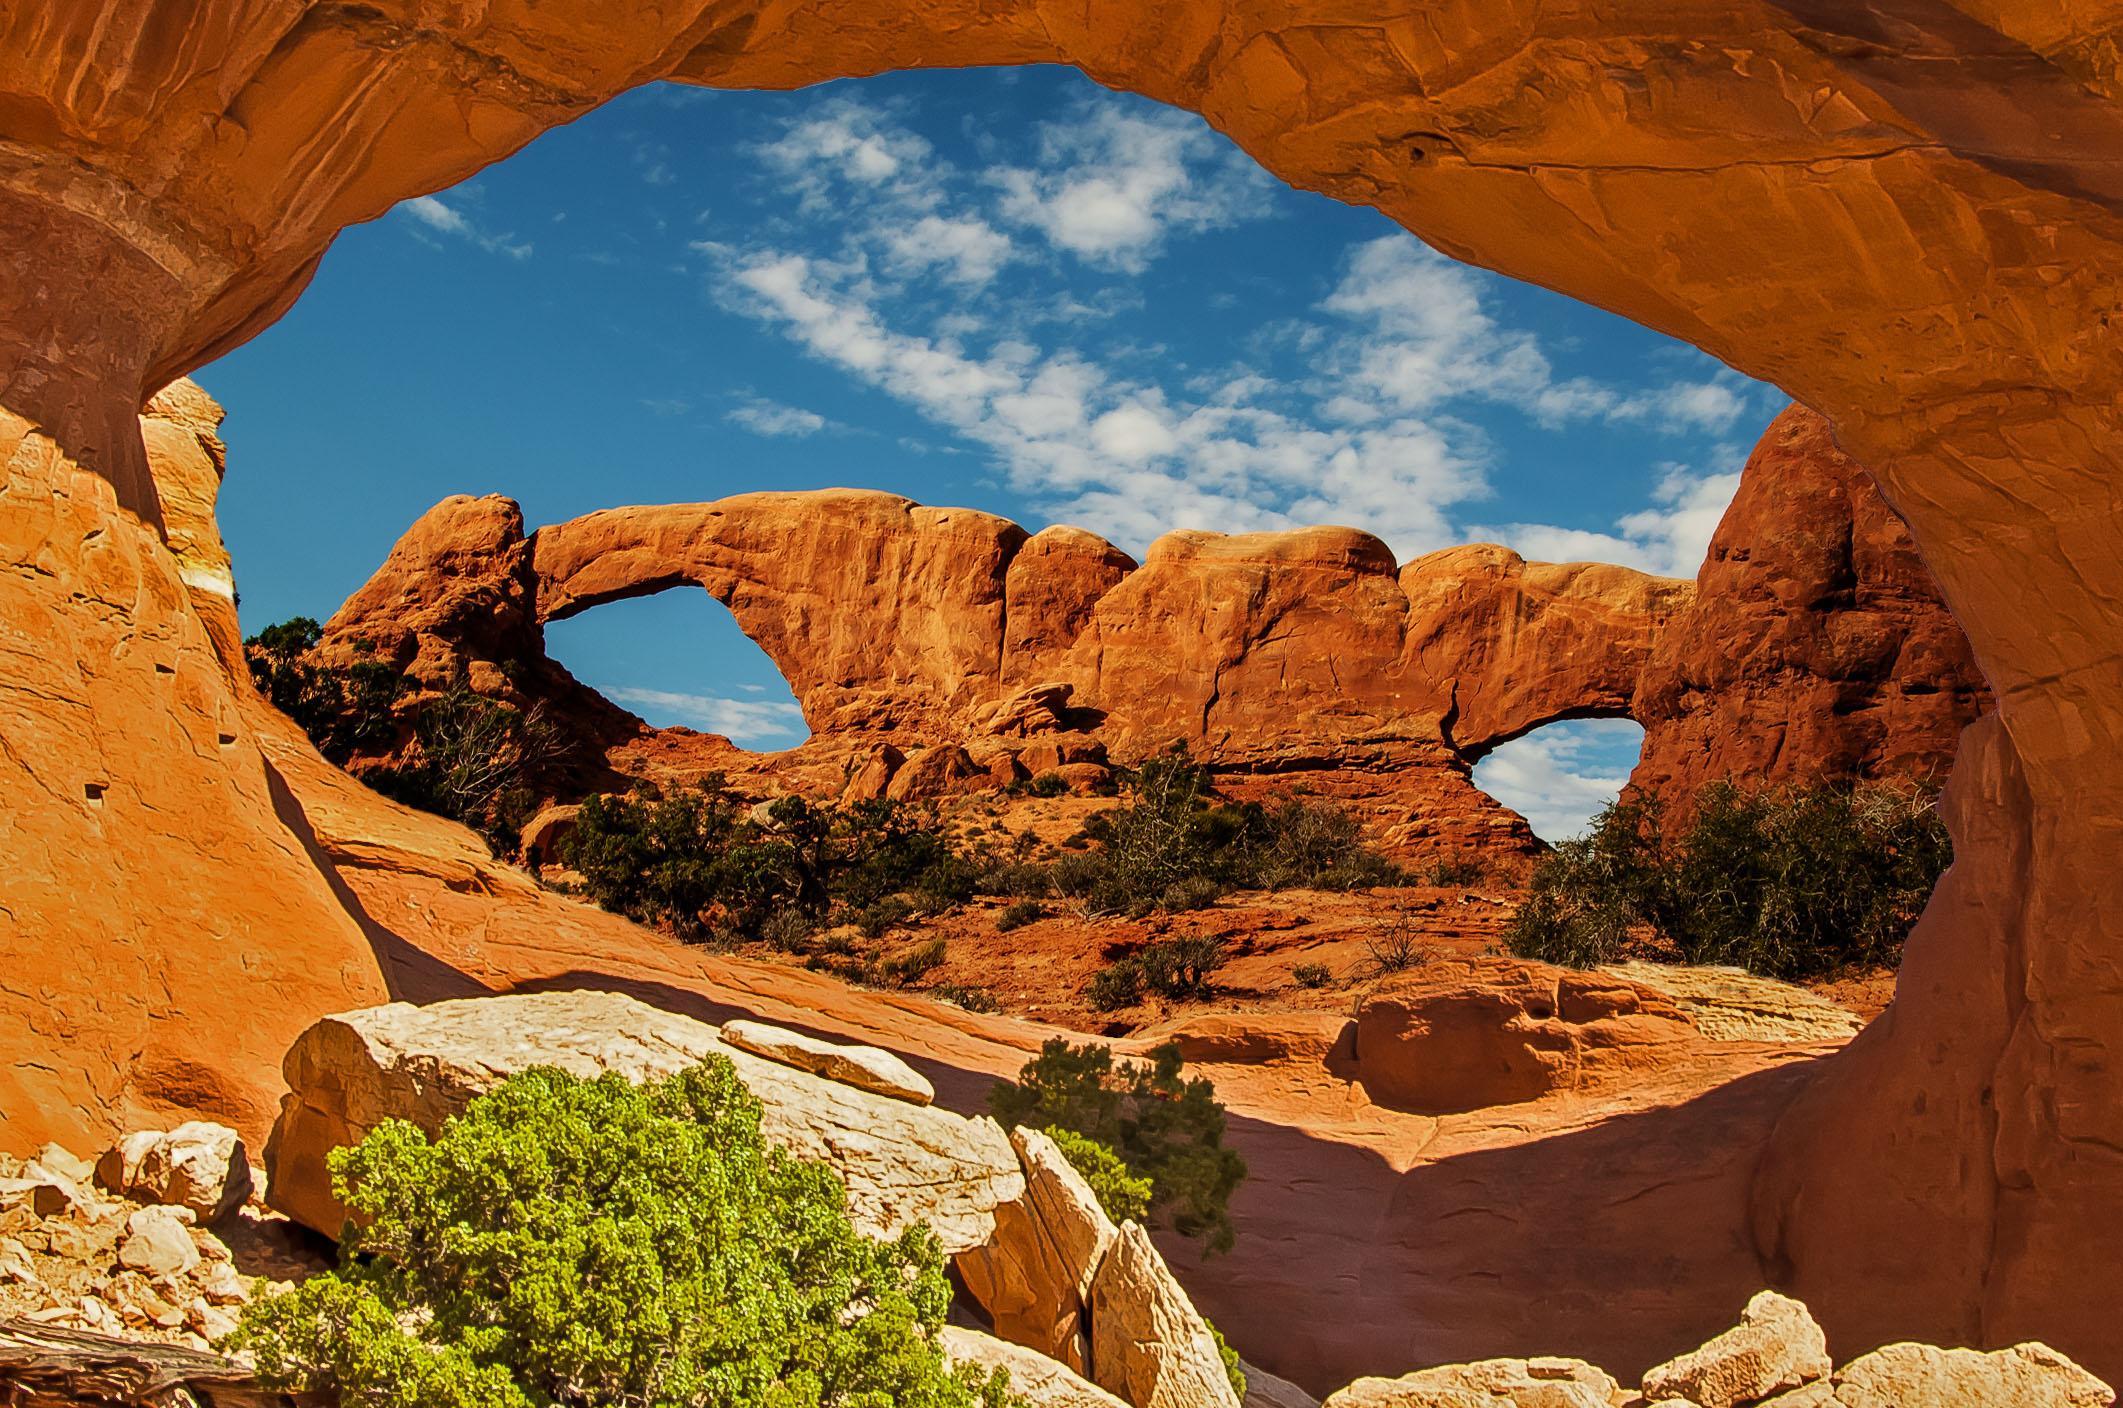 скалы арка небо бесплатно